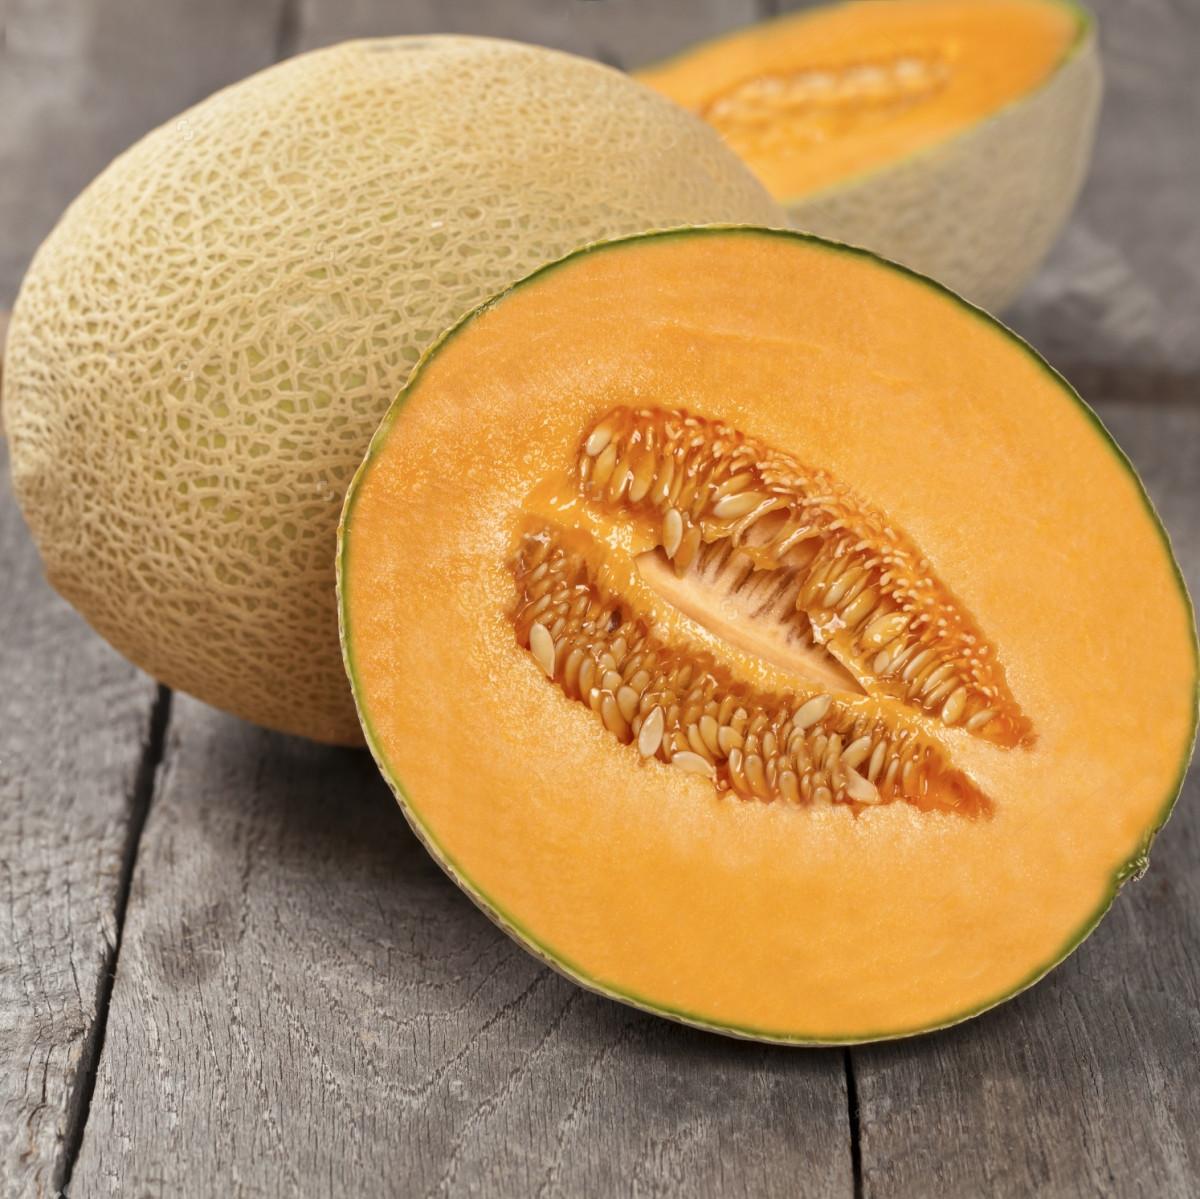 Дыня оранжевая внутри: почему, какие сорта с такой мякотью?